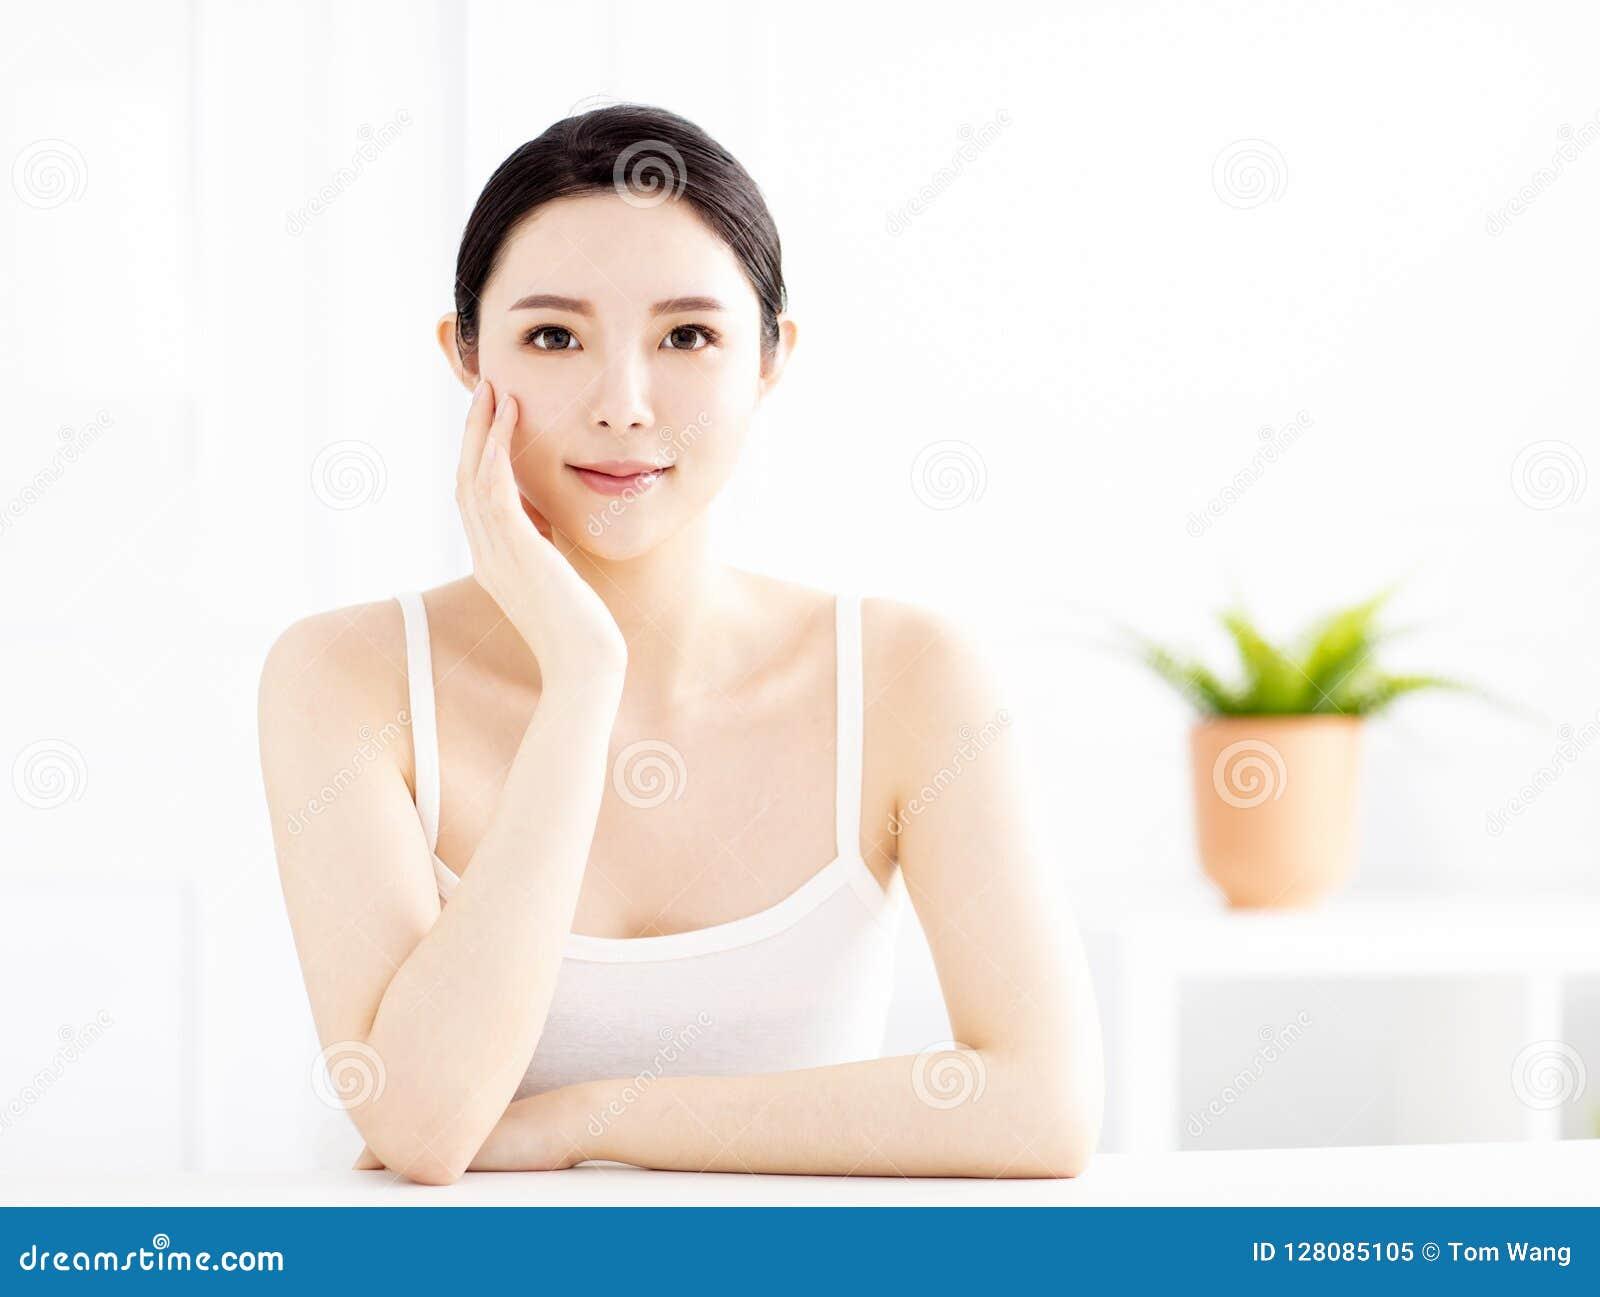 Schöne junge Frau mit sauberer perfekter Haut